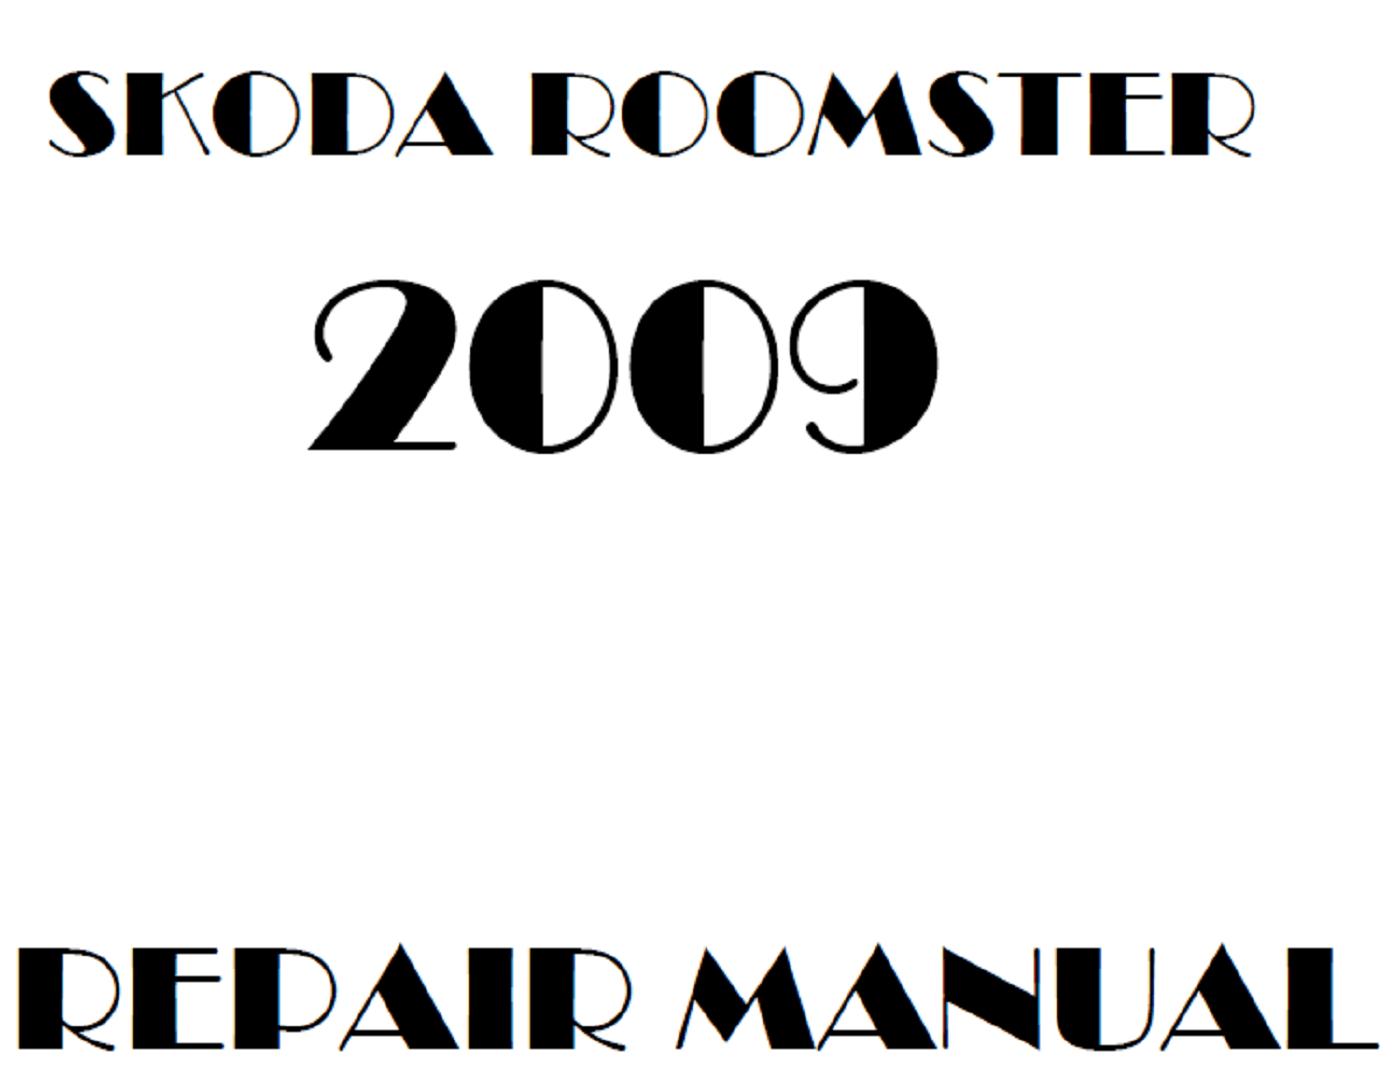 2009 Skoda Roomster repair manual